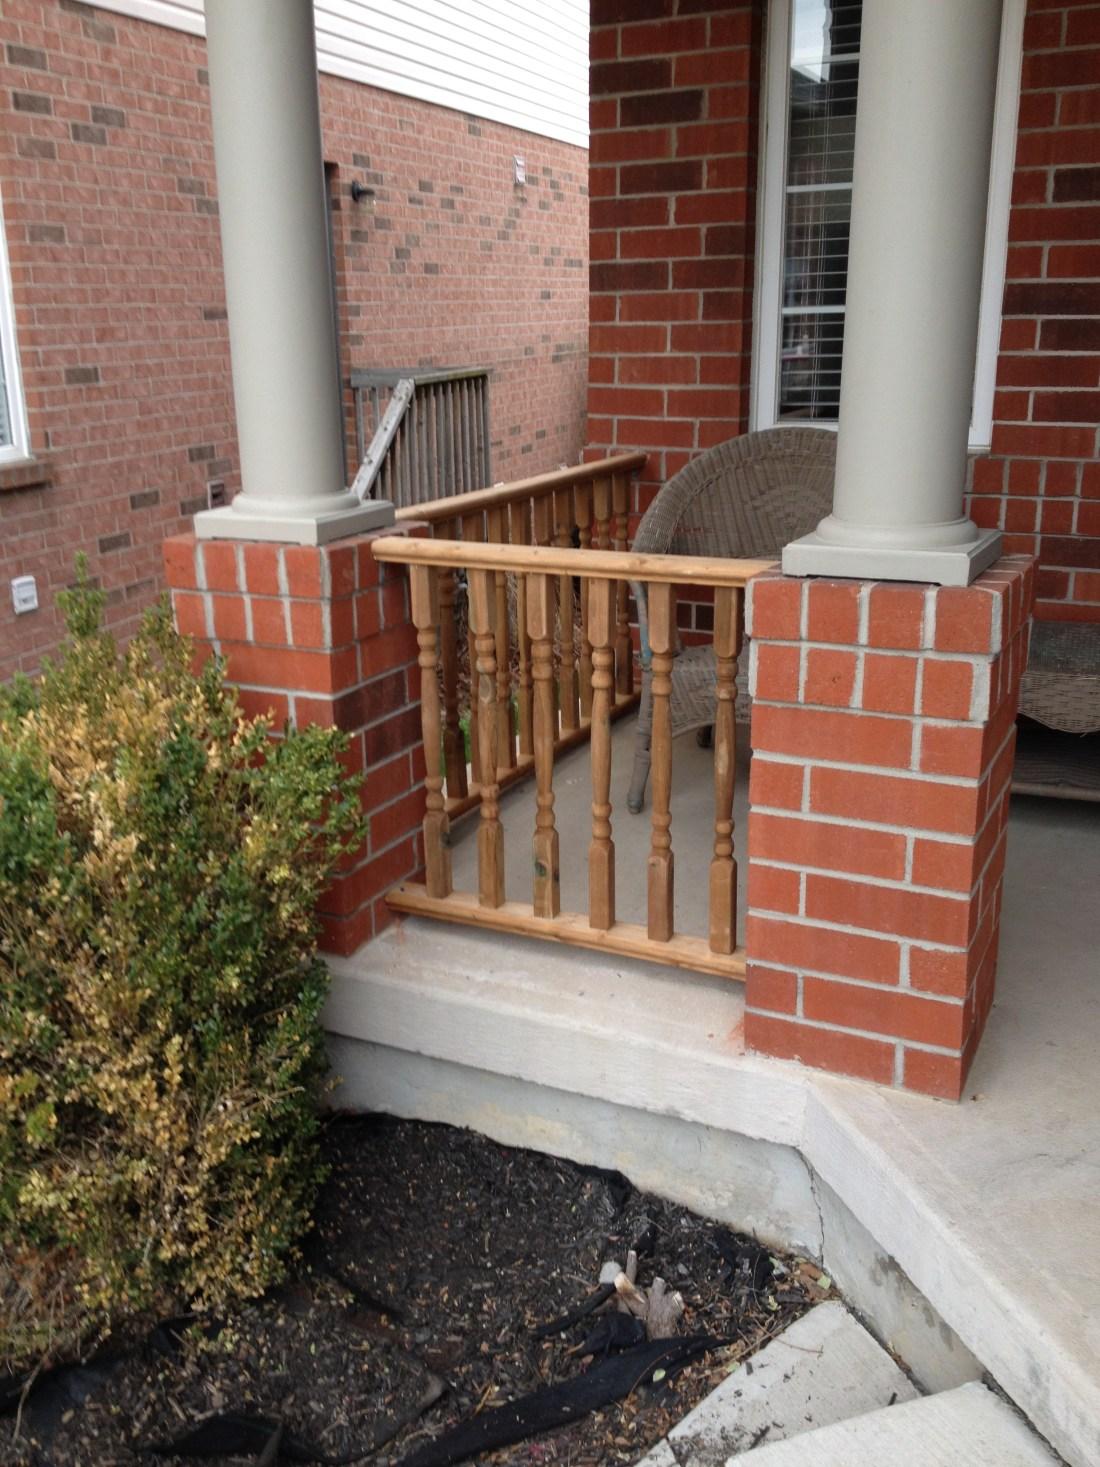 New railings